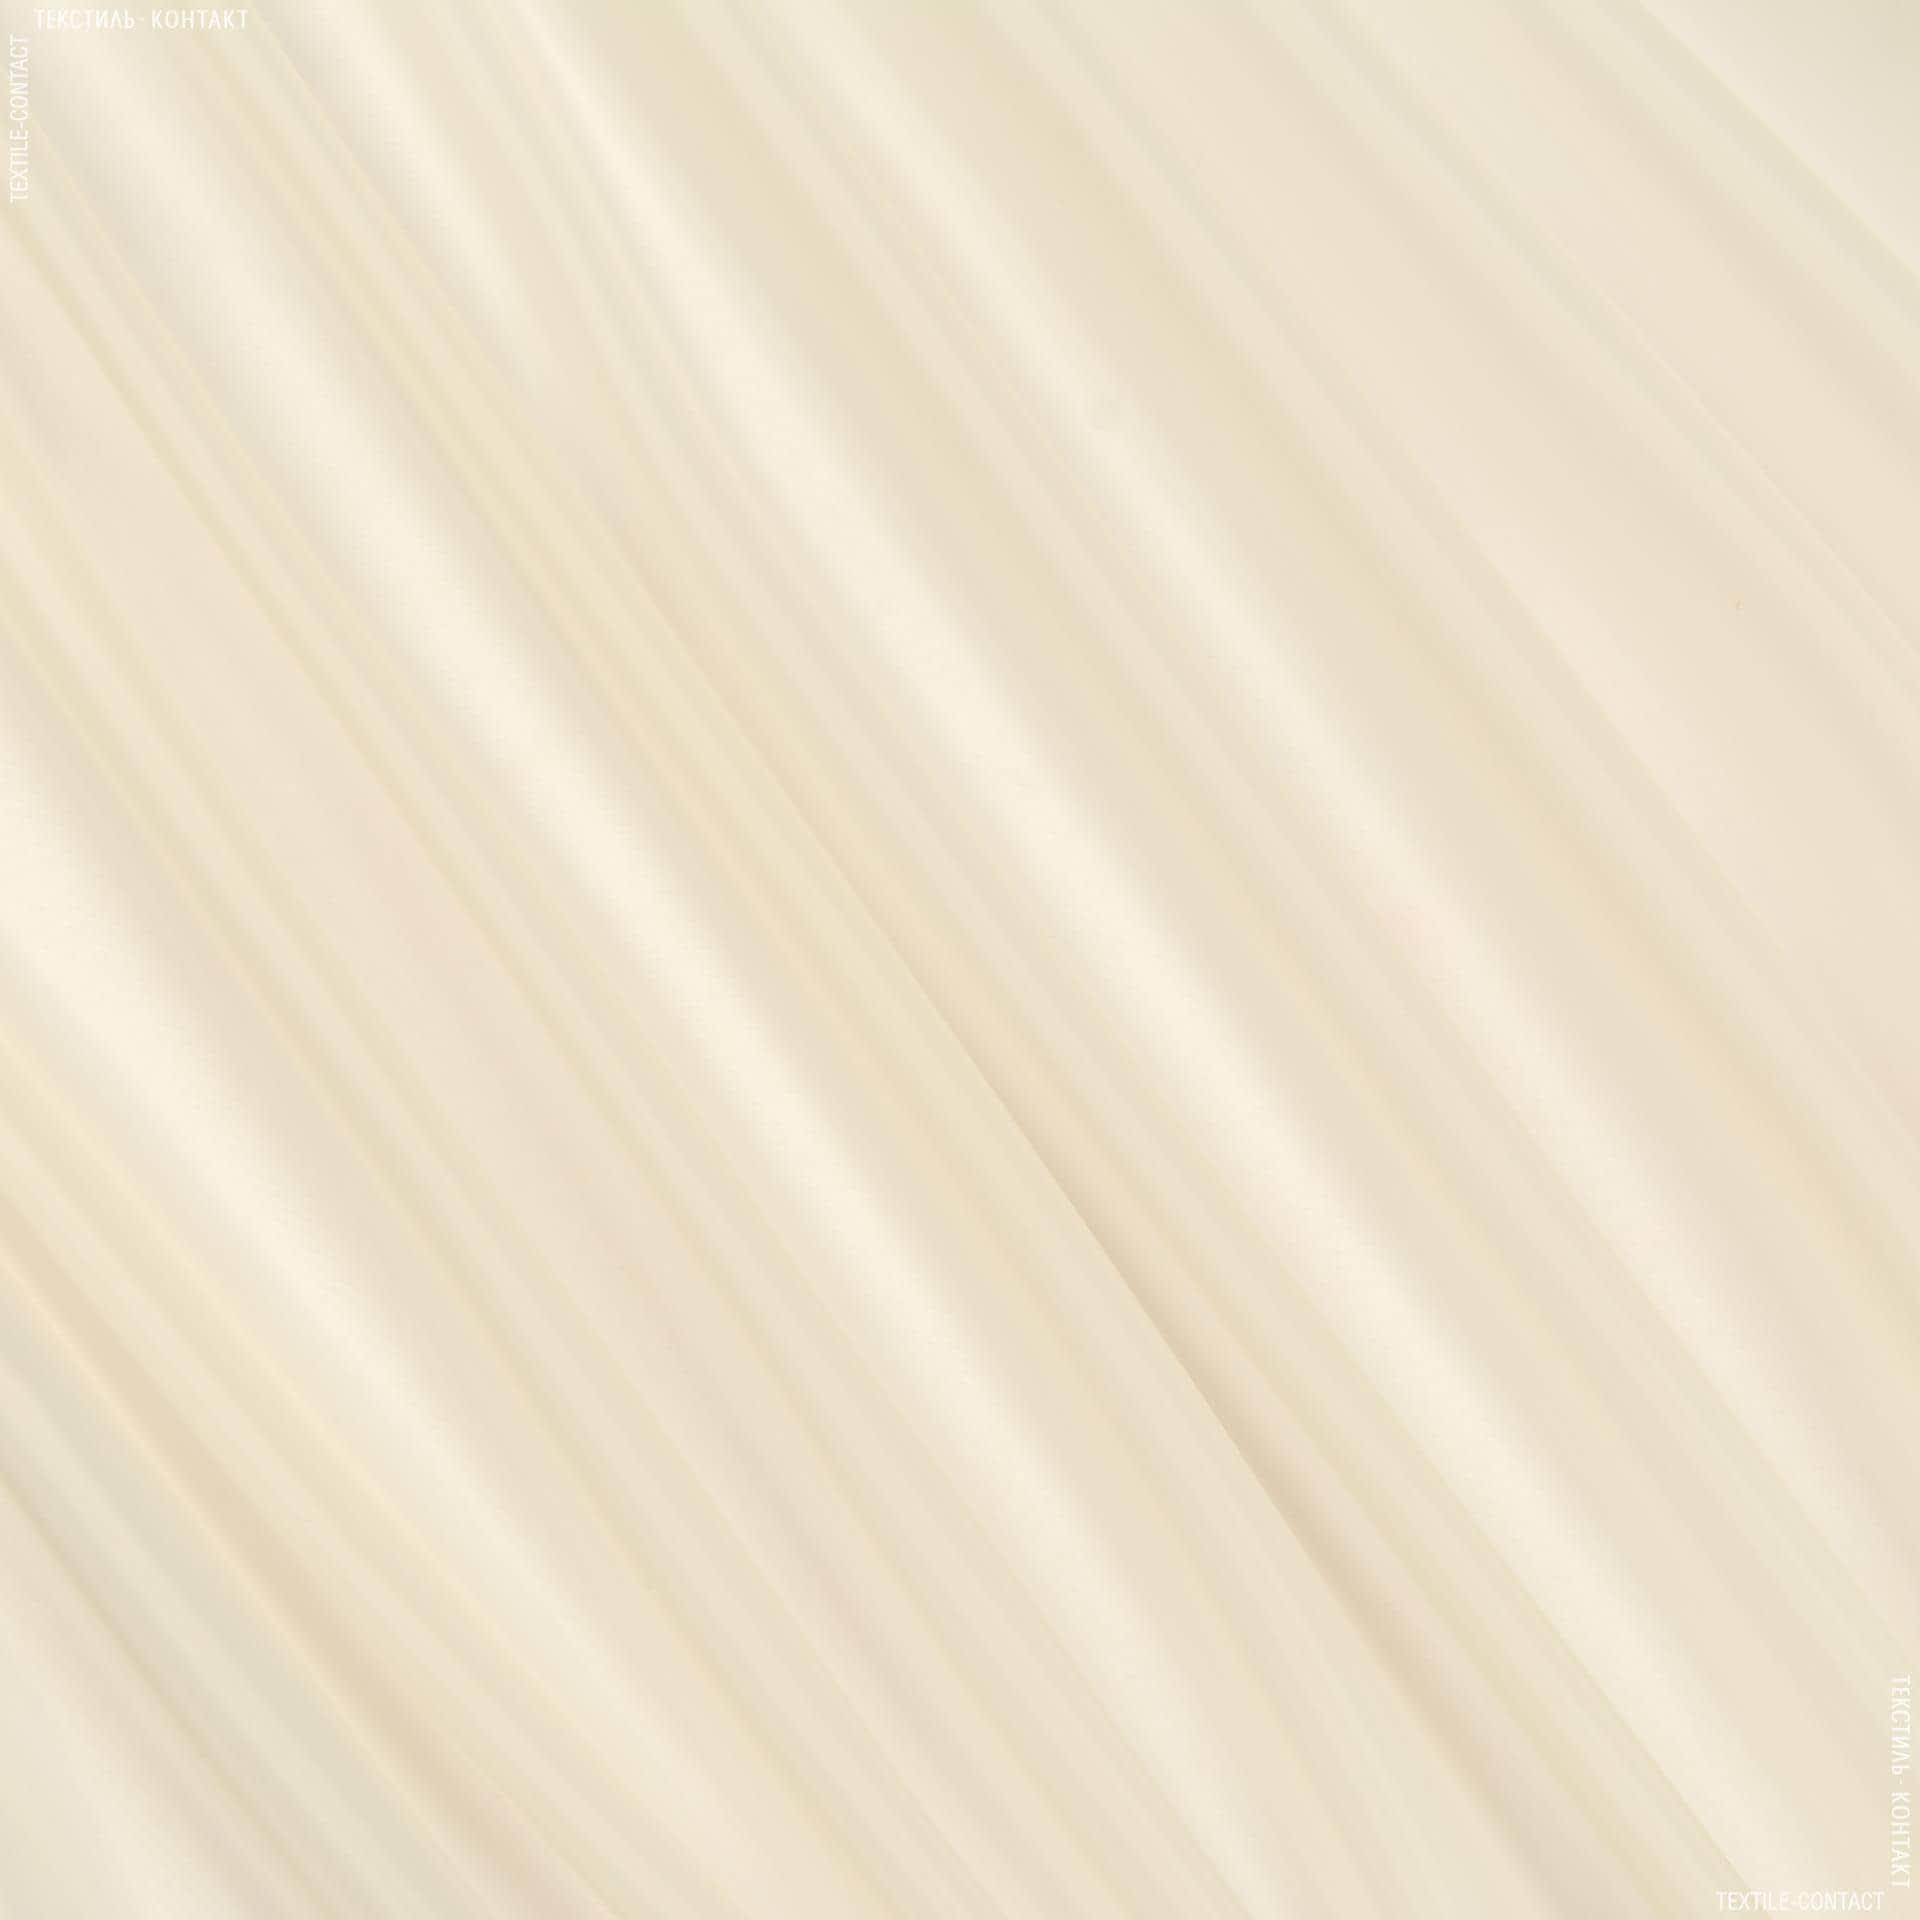 Тканини підкладкова тканина - Підкладка 190т кремово-молочний